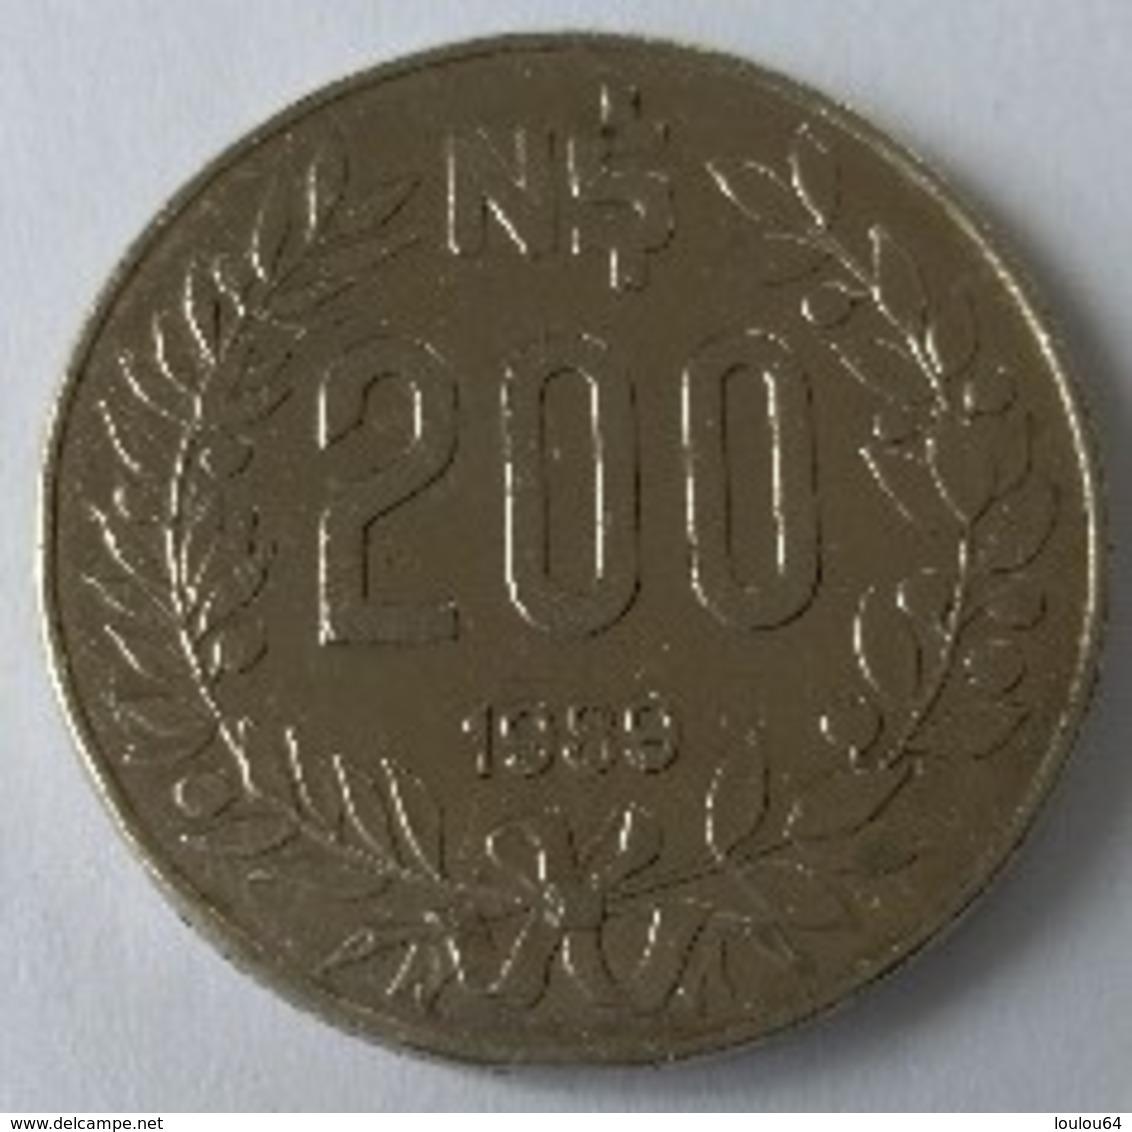 URUGUAY - 200 Nouveaux Pesos 1989 - - Uruguay